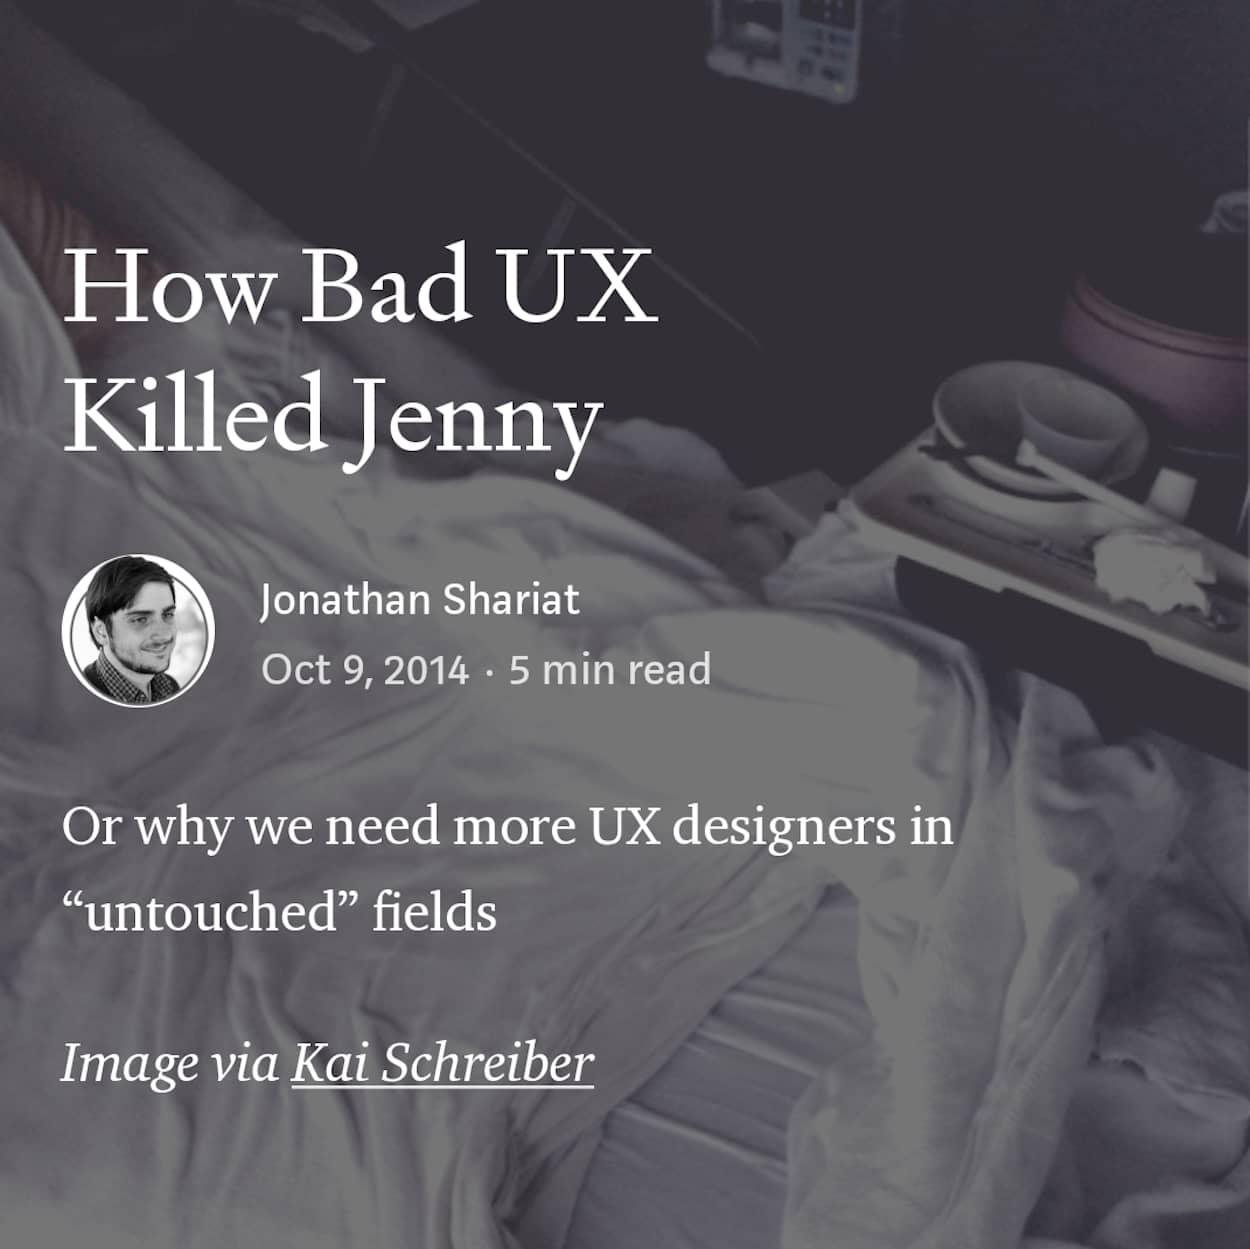 """Titelfoto des Blogbeitrags """"How bad UXKilled Jenny"""" von Jonathan Shariat auf Medium.com"""